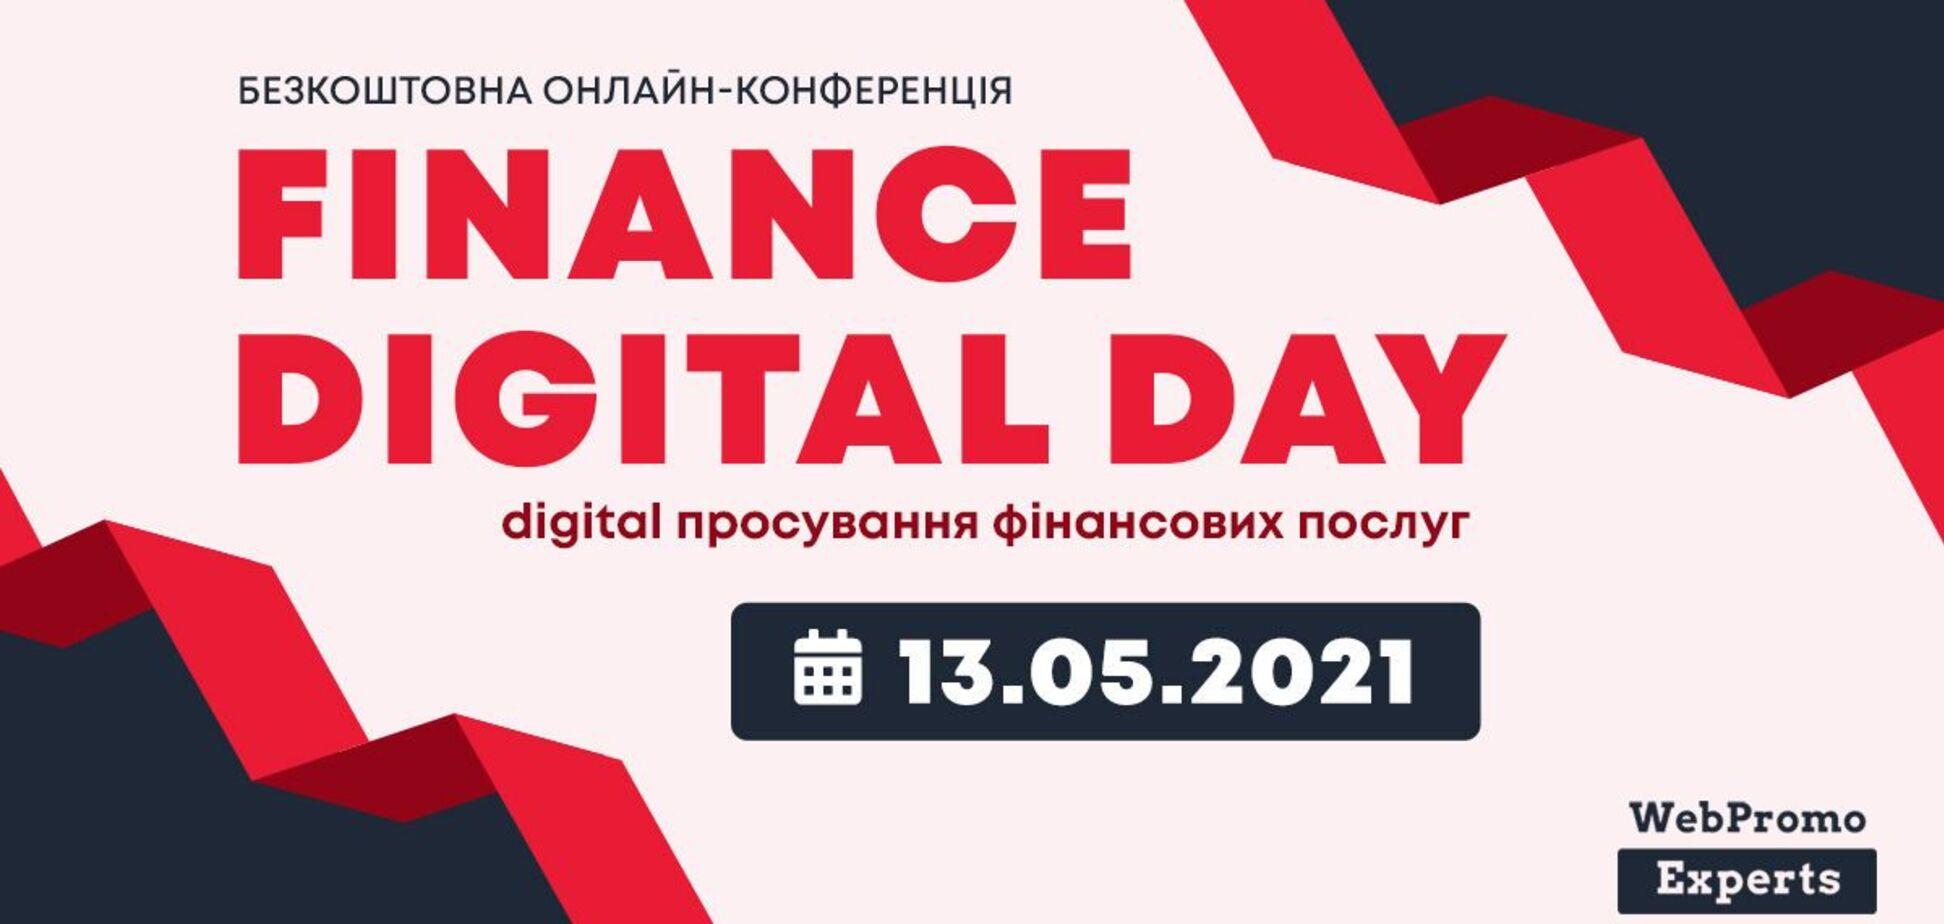 На Finance Digital Day українцям пояснять, як просувати банківські продукти в інтернеті